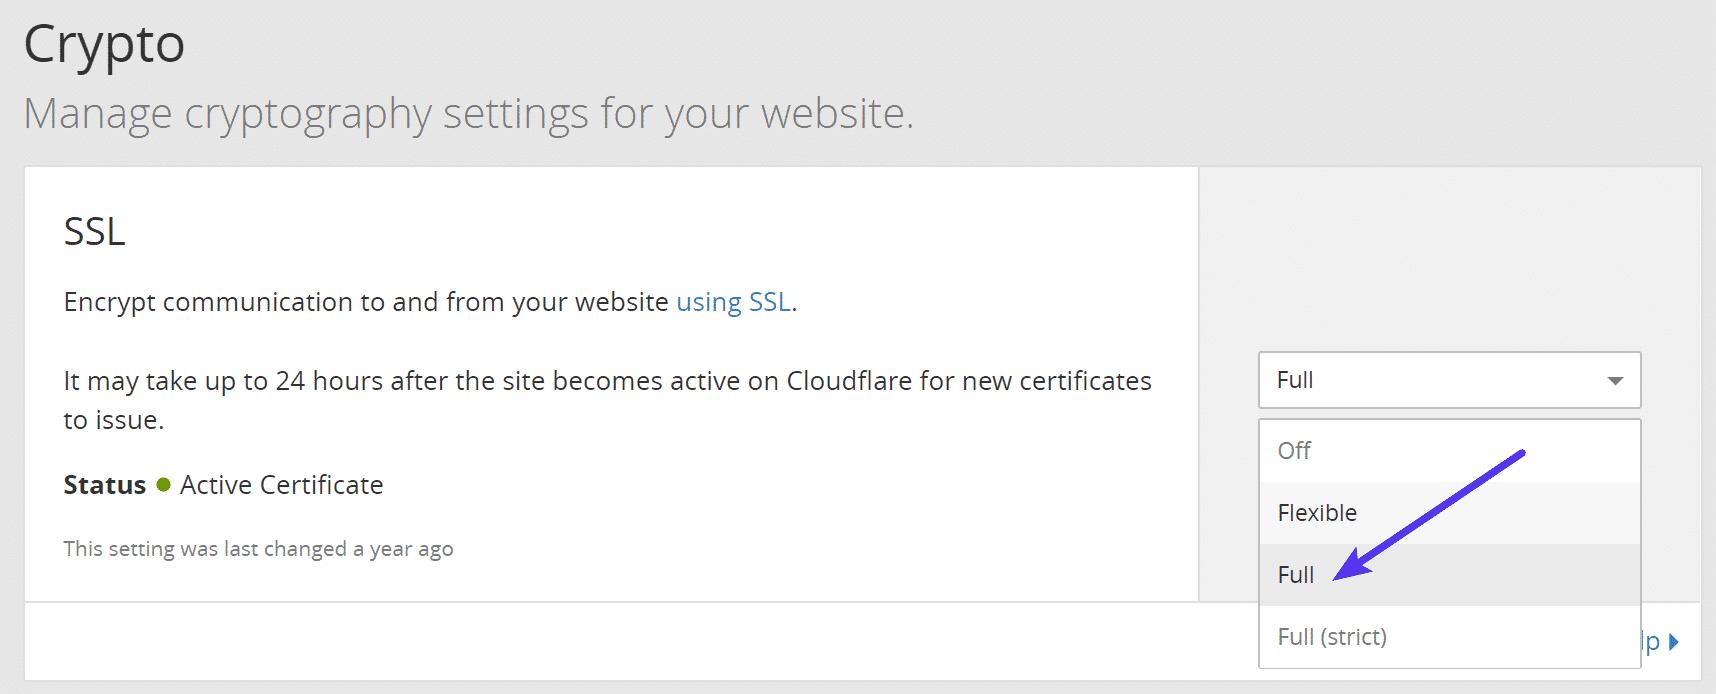 Impostare il livello di crittografia di Cloudflare a full